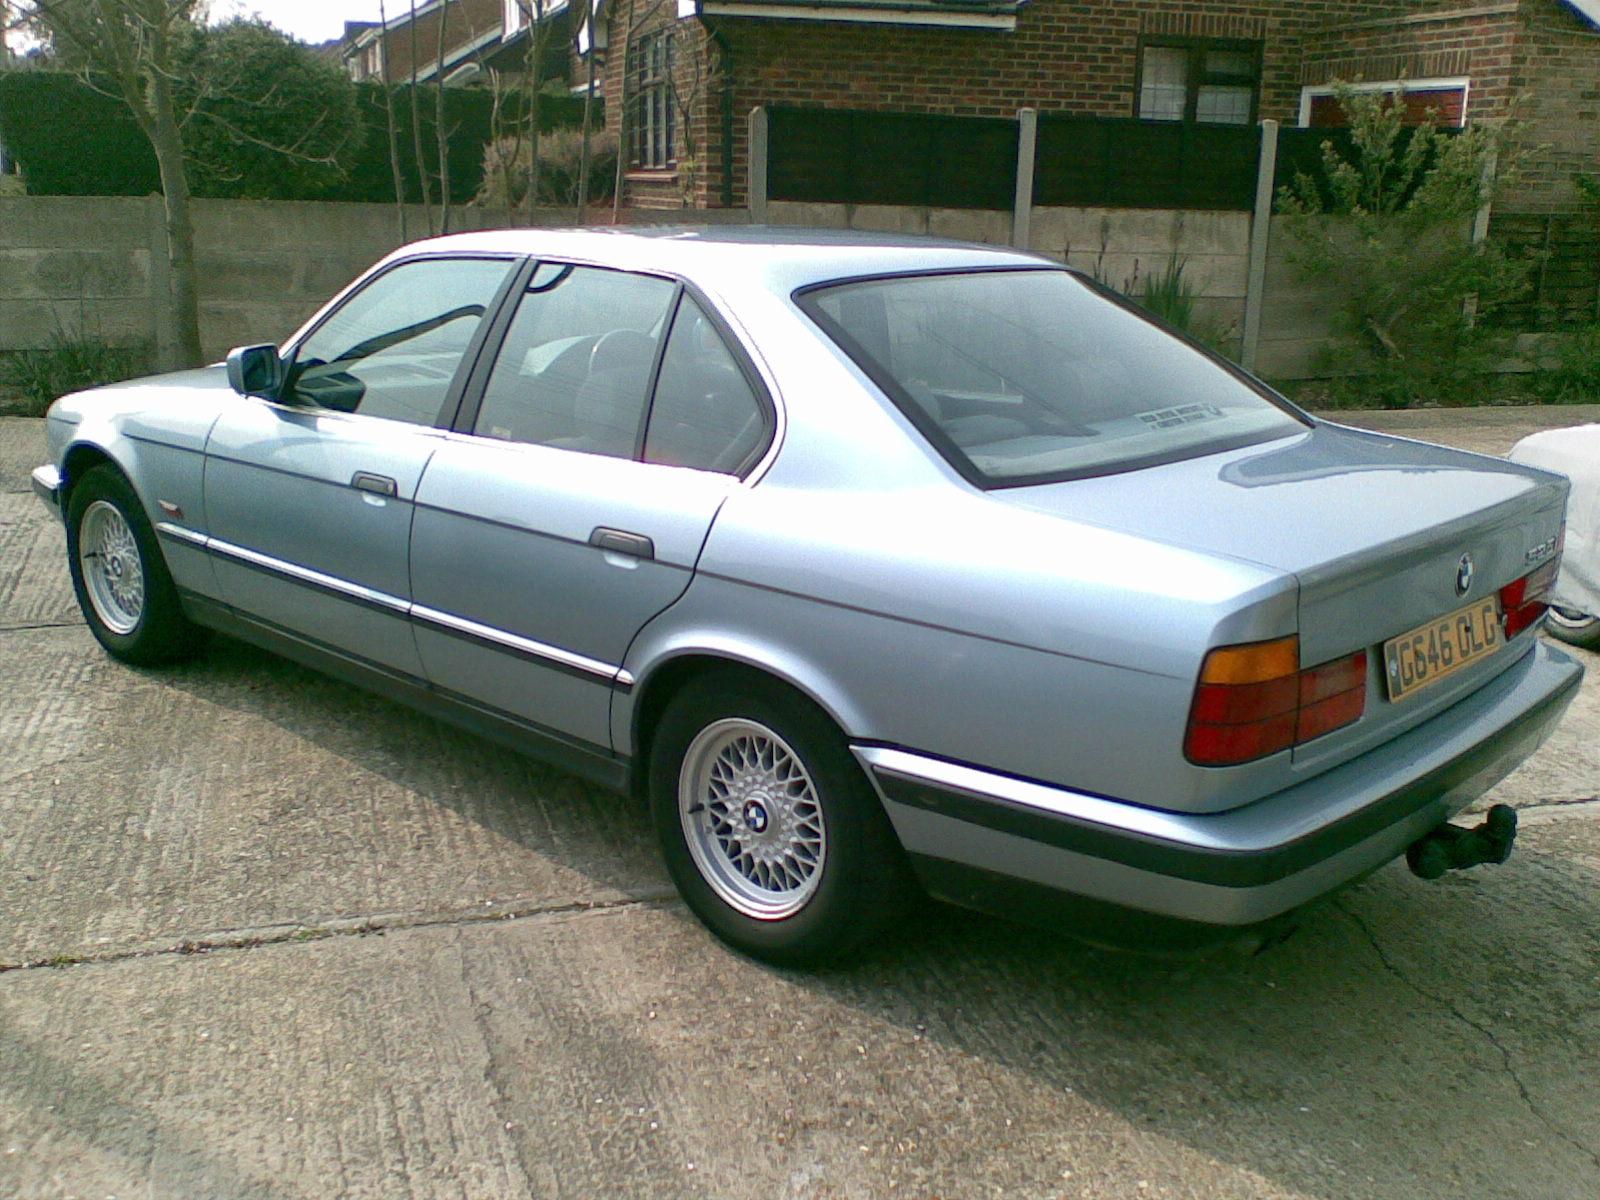 525i Bmw 1992